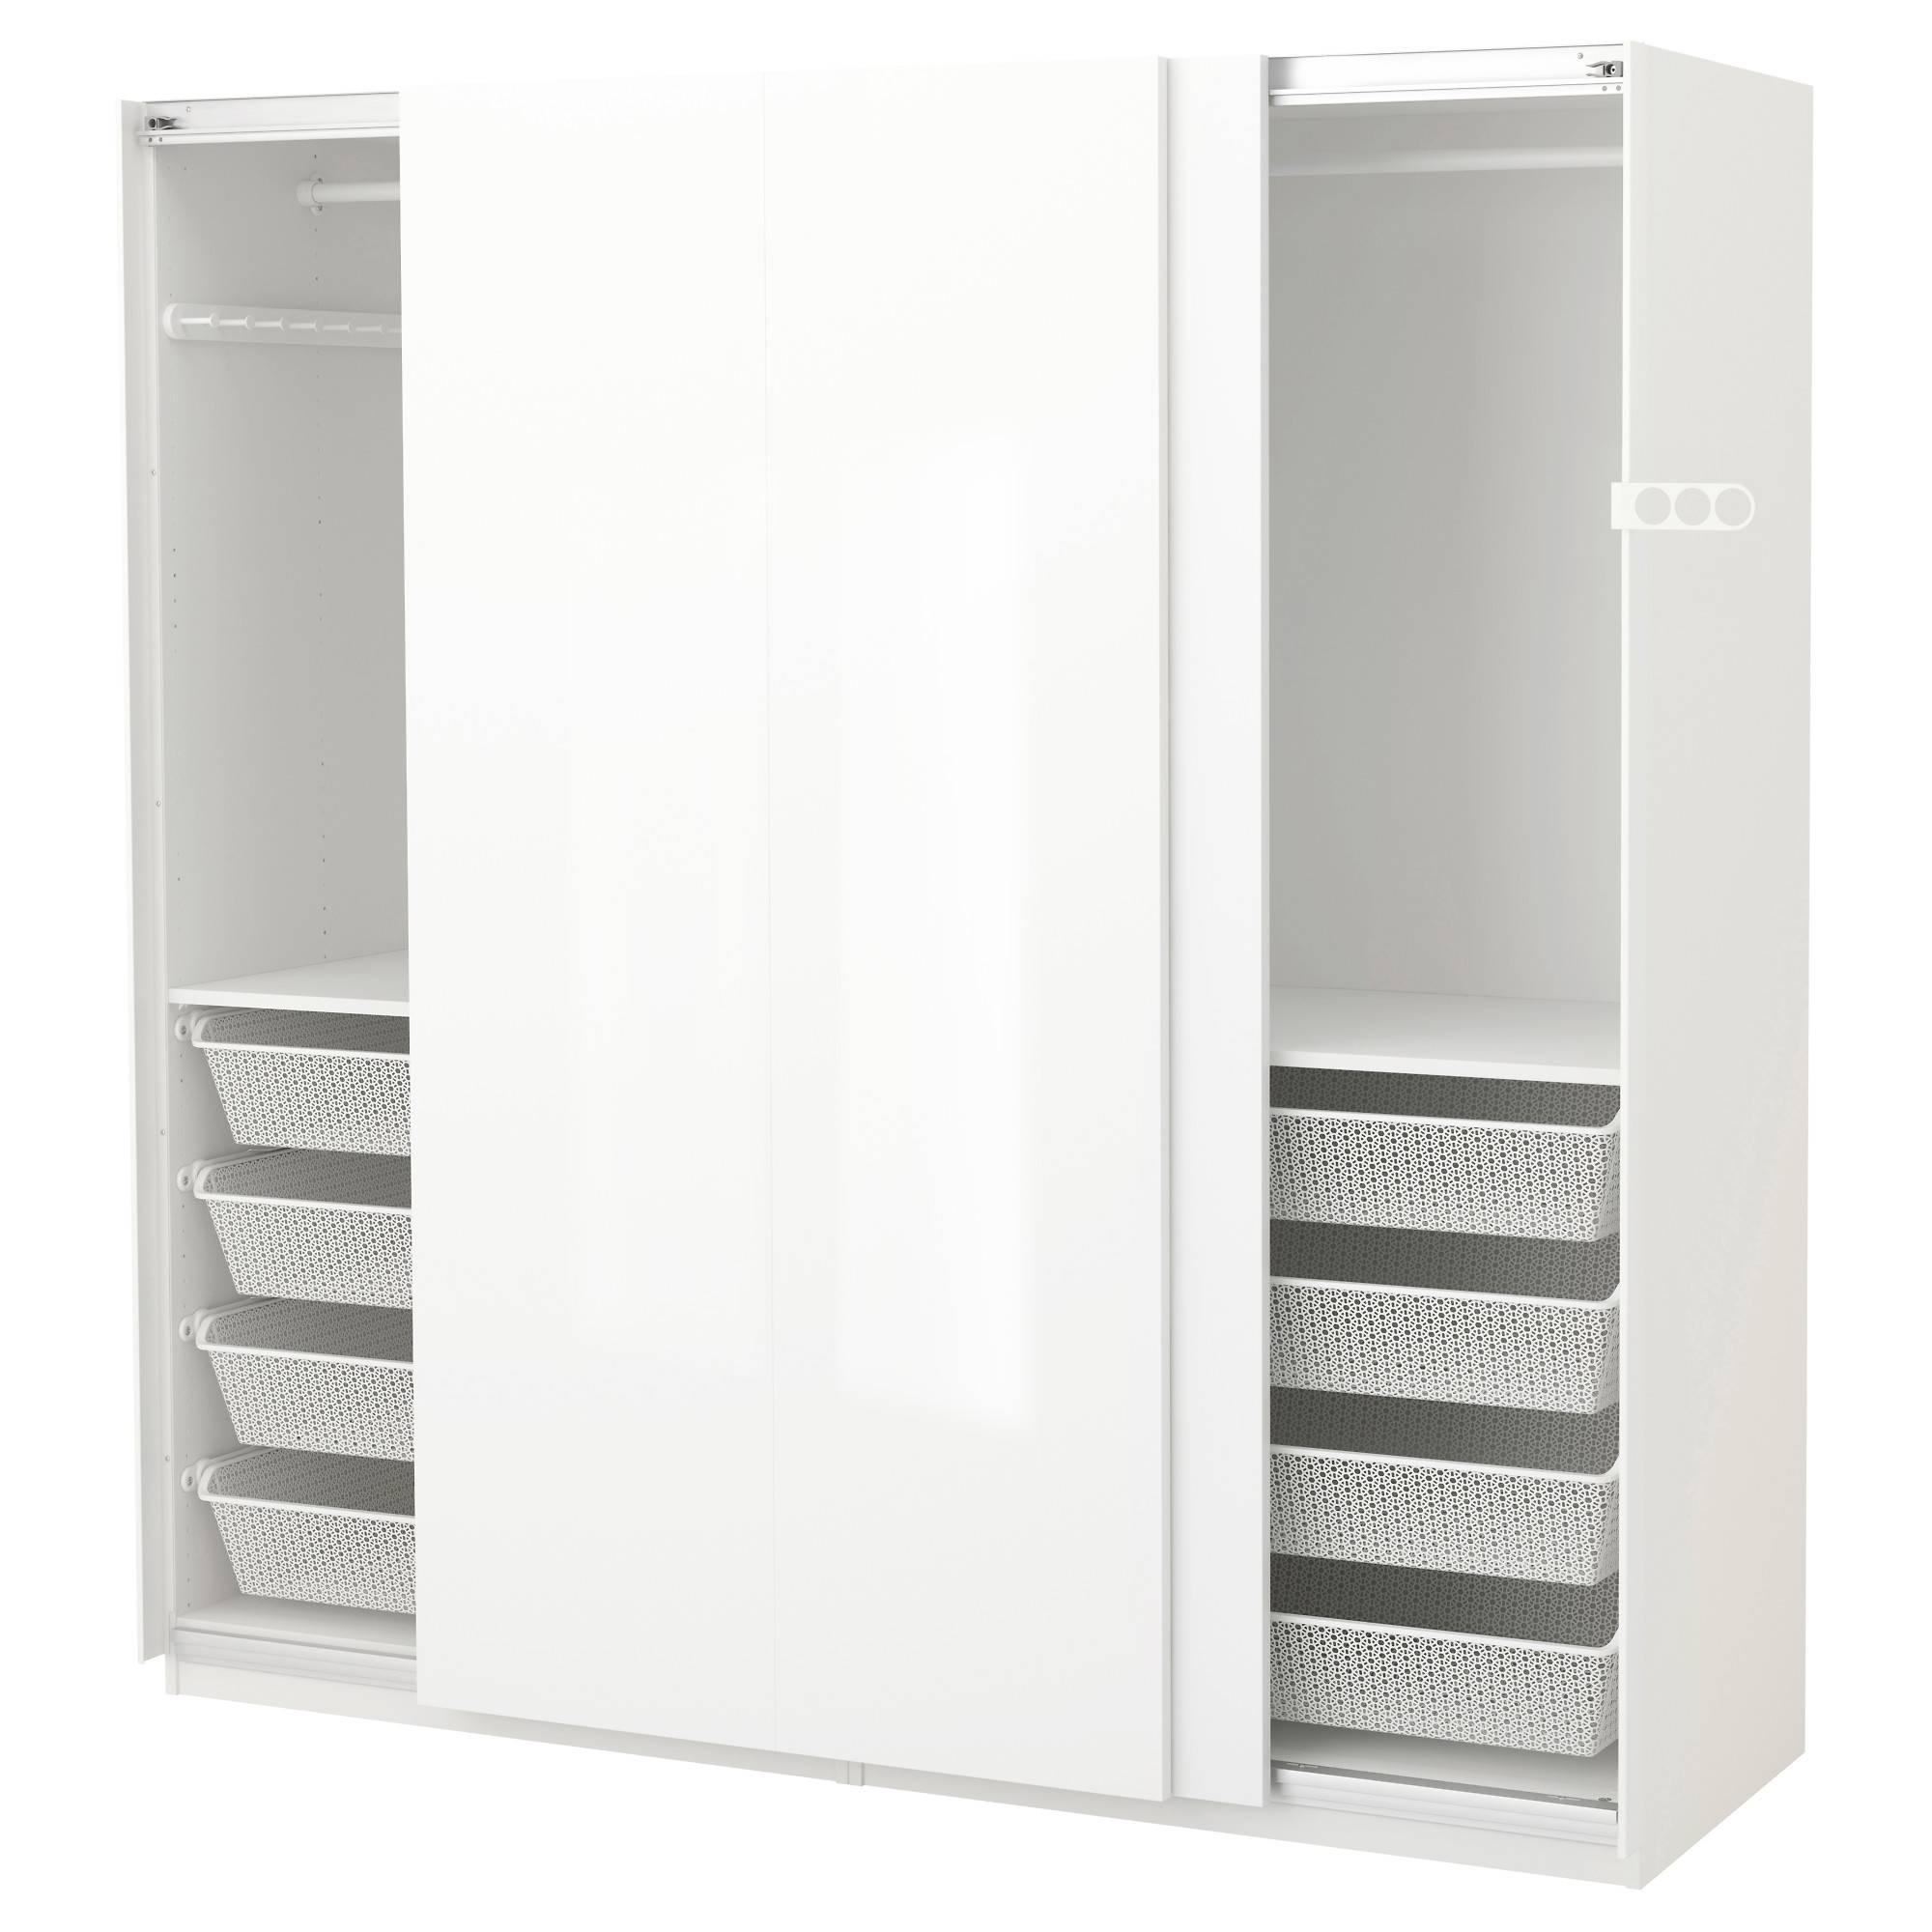 Pax Wardrobe White/hasvik High-Gloss/white 200X66X201 Cm - Ikea throughout High Gloss White Wardrobes (Image 7 of 15)